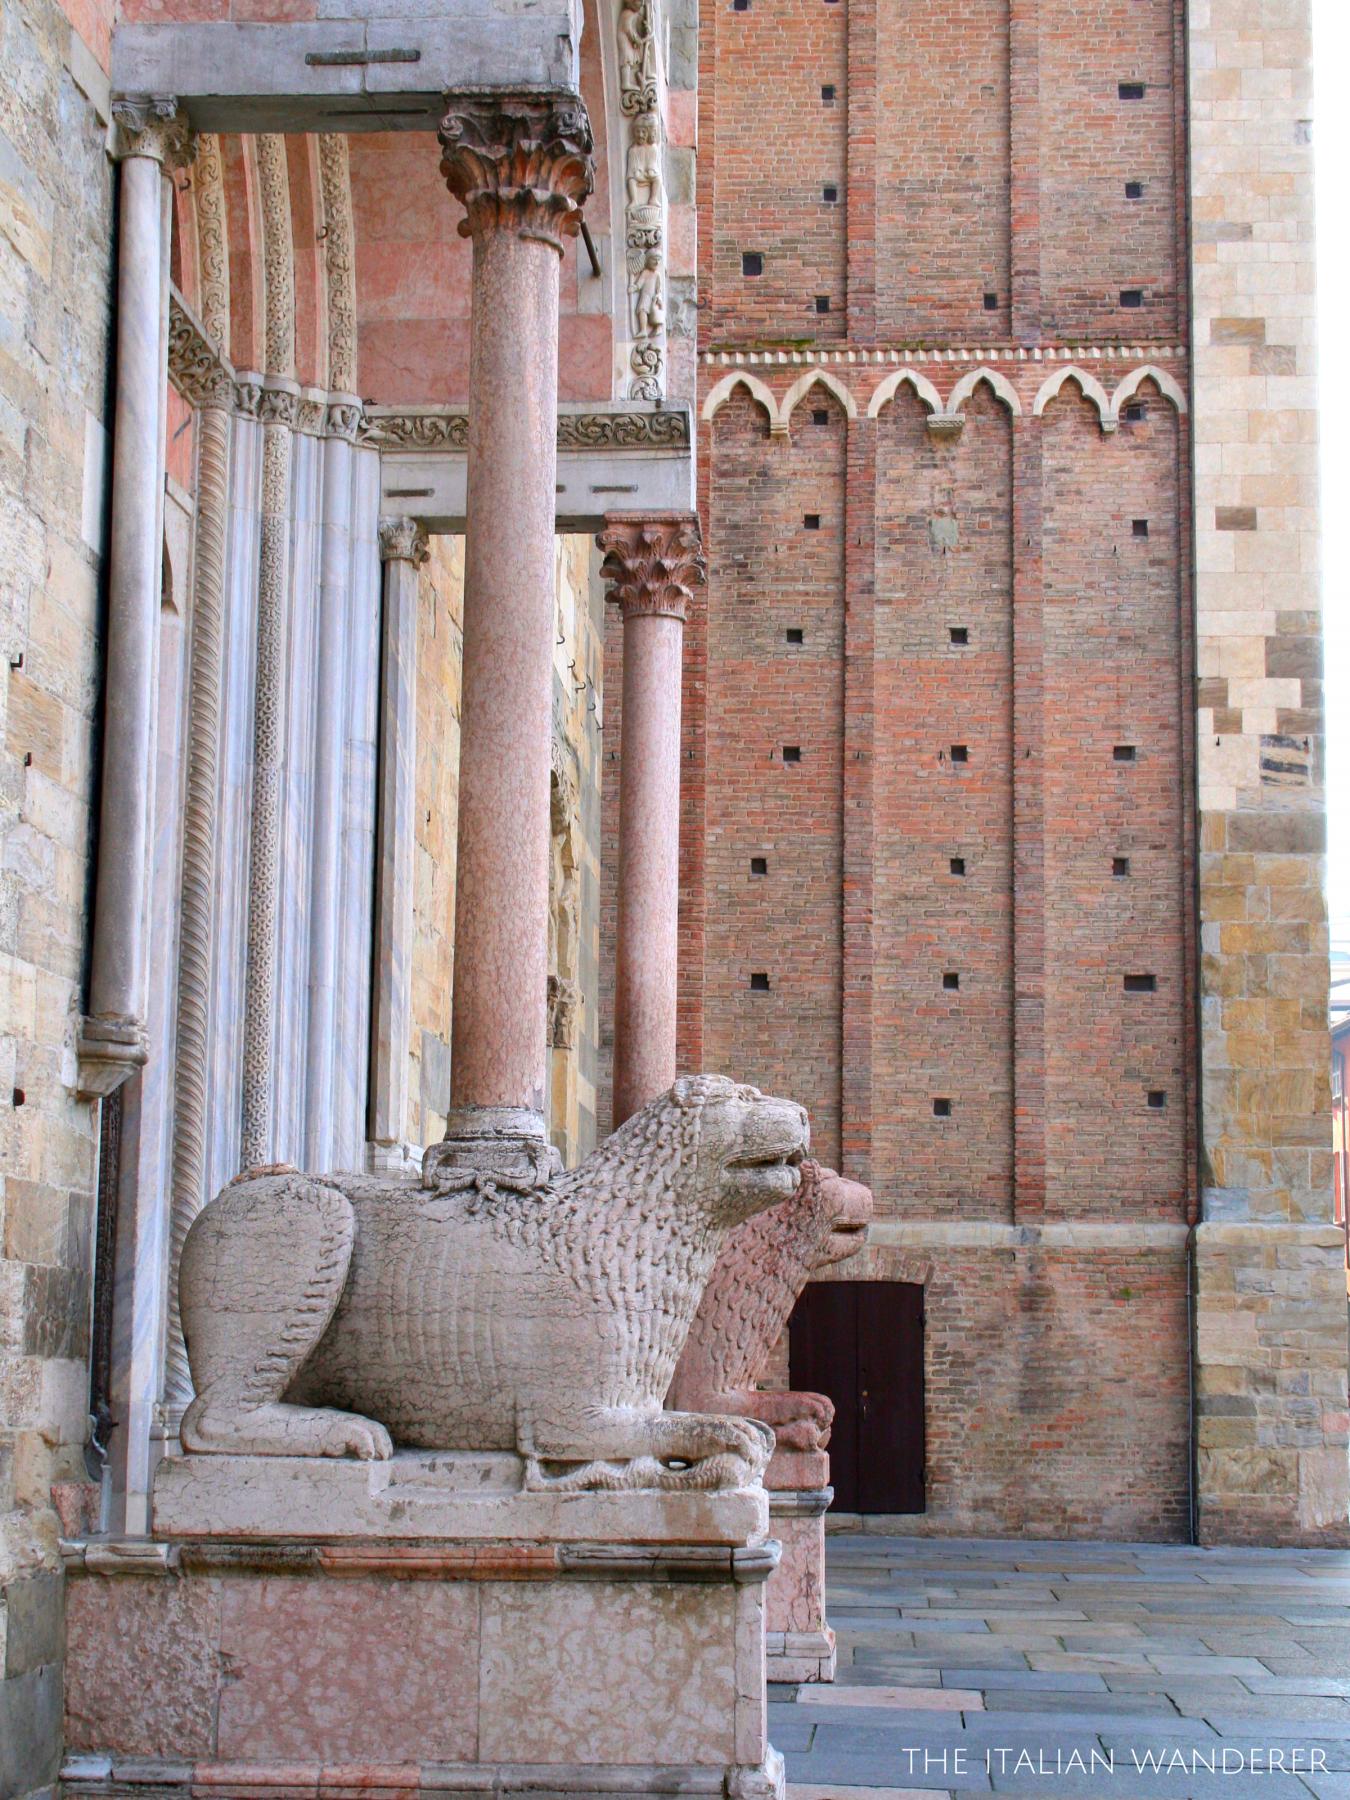 [ParlamiditER] Un giorno a Parma con The Italian Wanderer